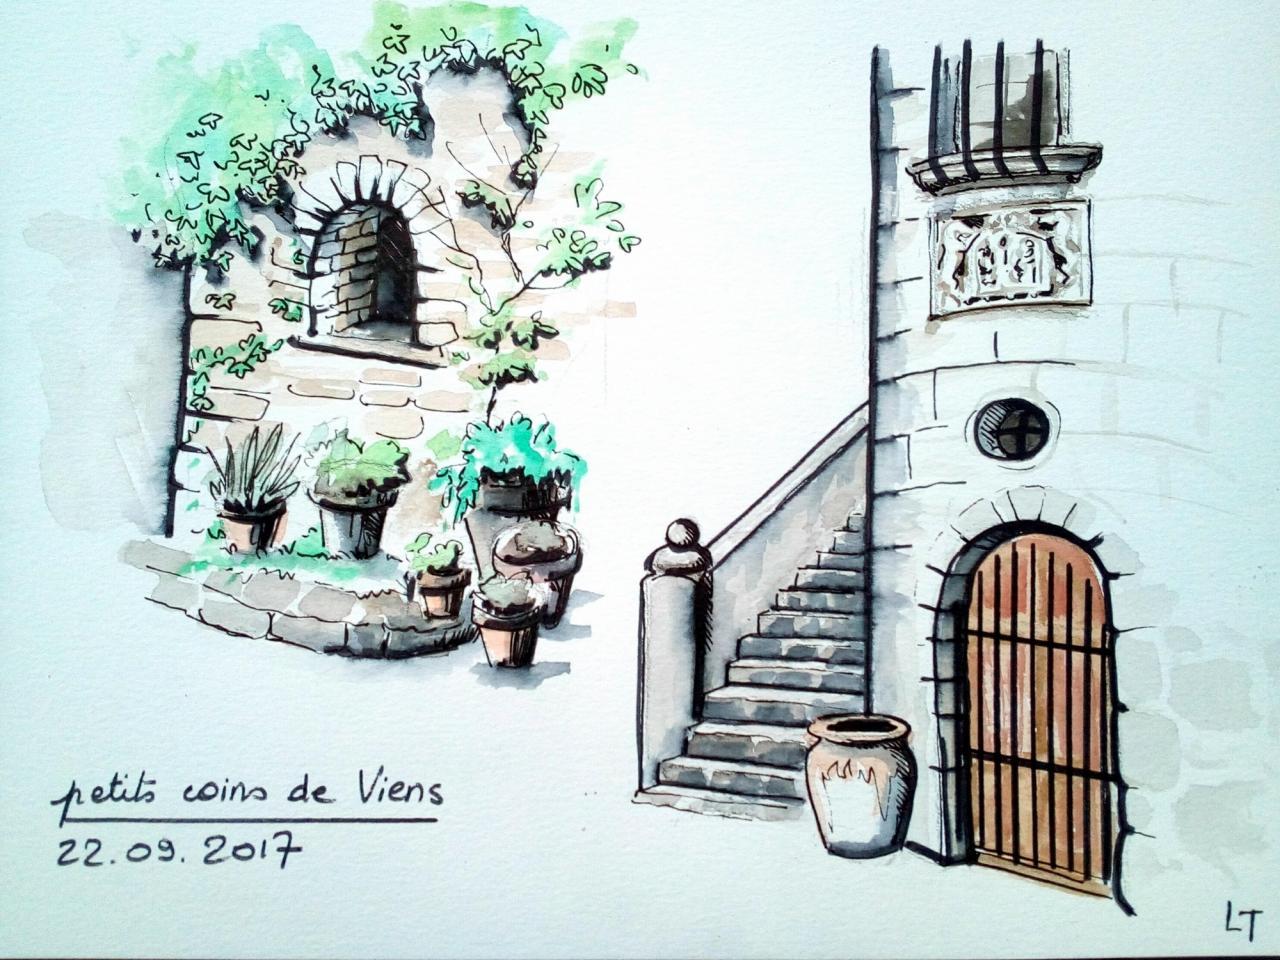 Le village de Viens